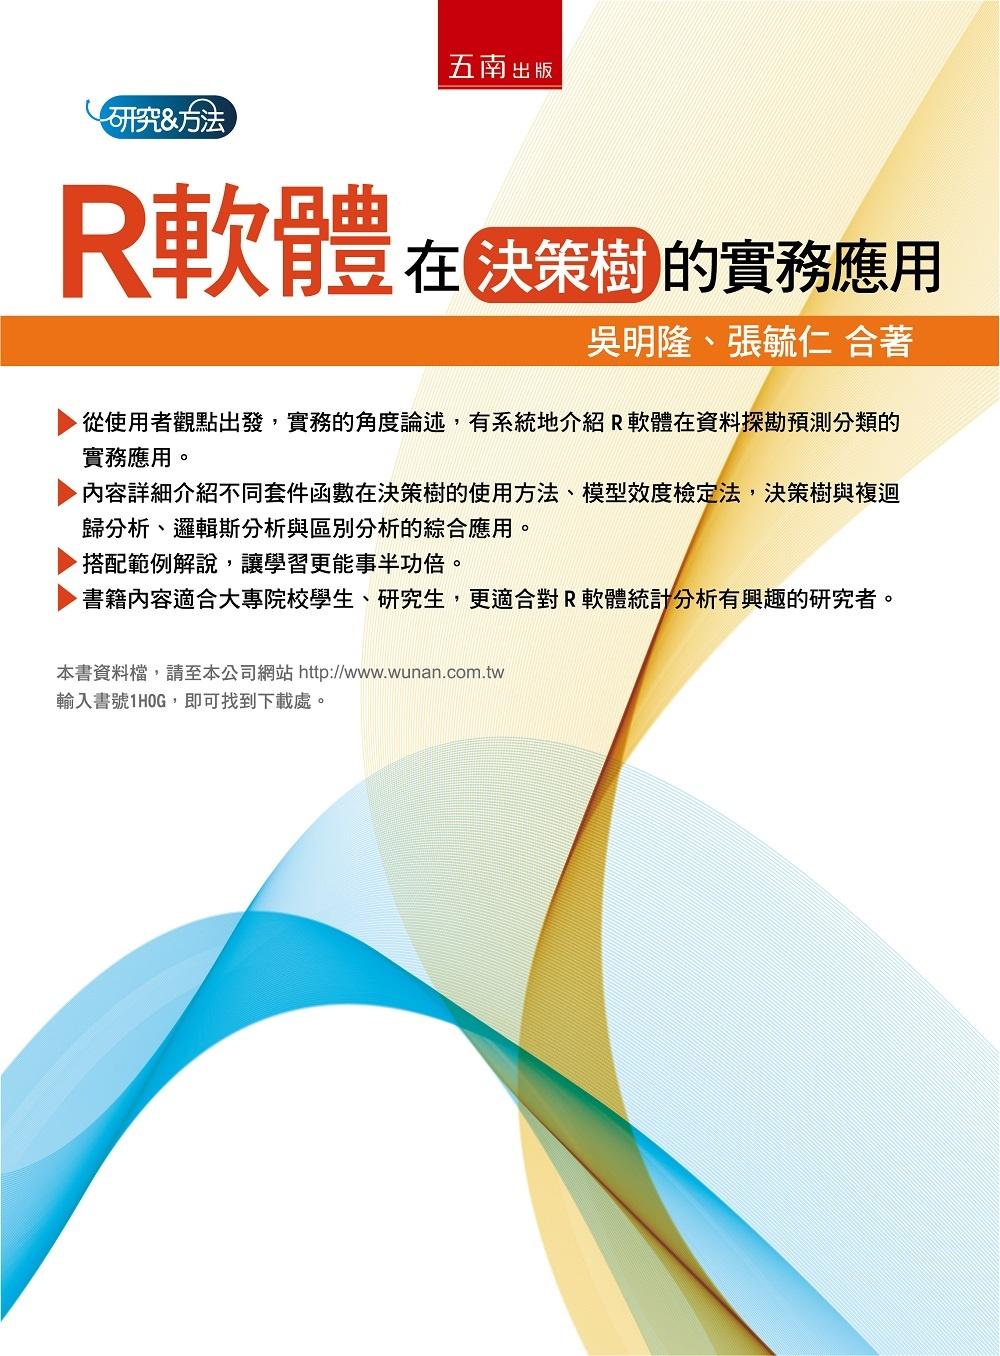 R軟體在決策樹的實務應用